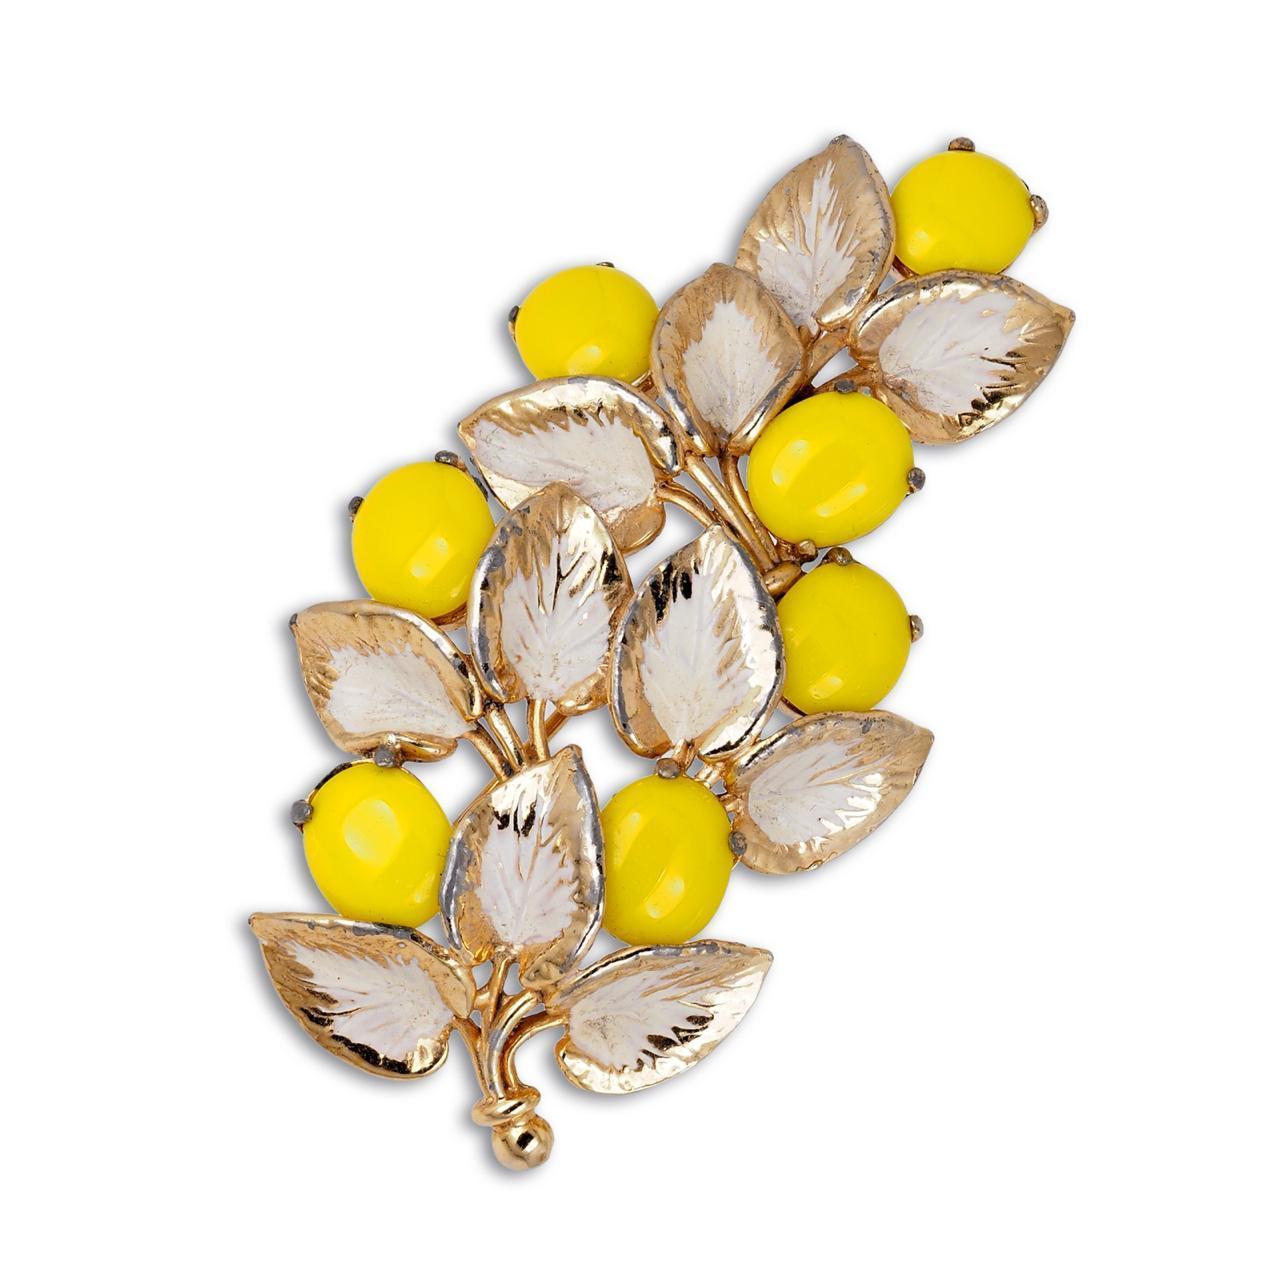 Яркие жёлто-белые клипсы Schiaparelli 1950-е⠀